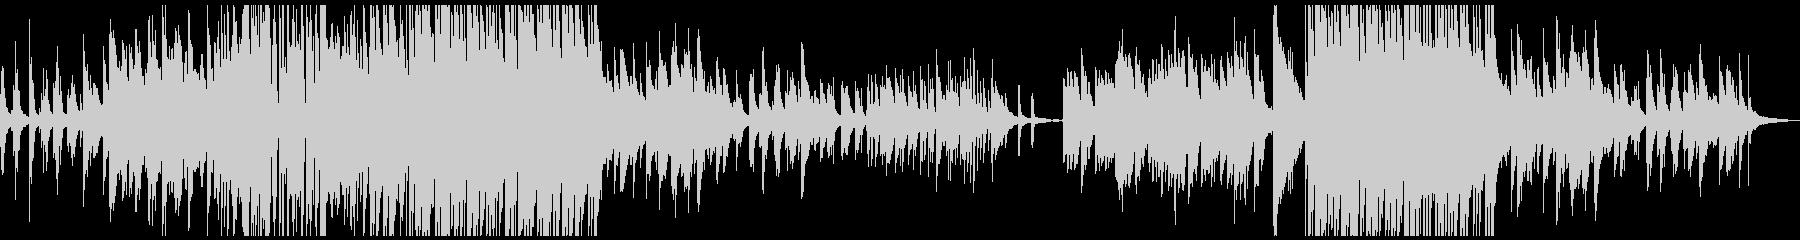 和風 ピアノソロ バラード曲の未再生の波形